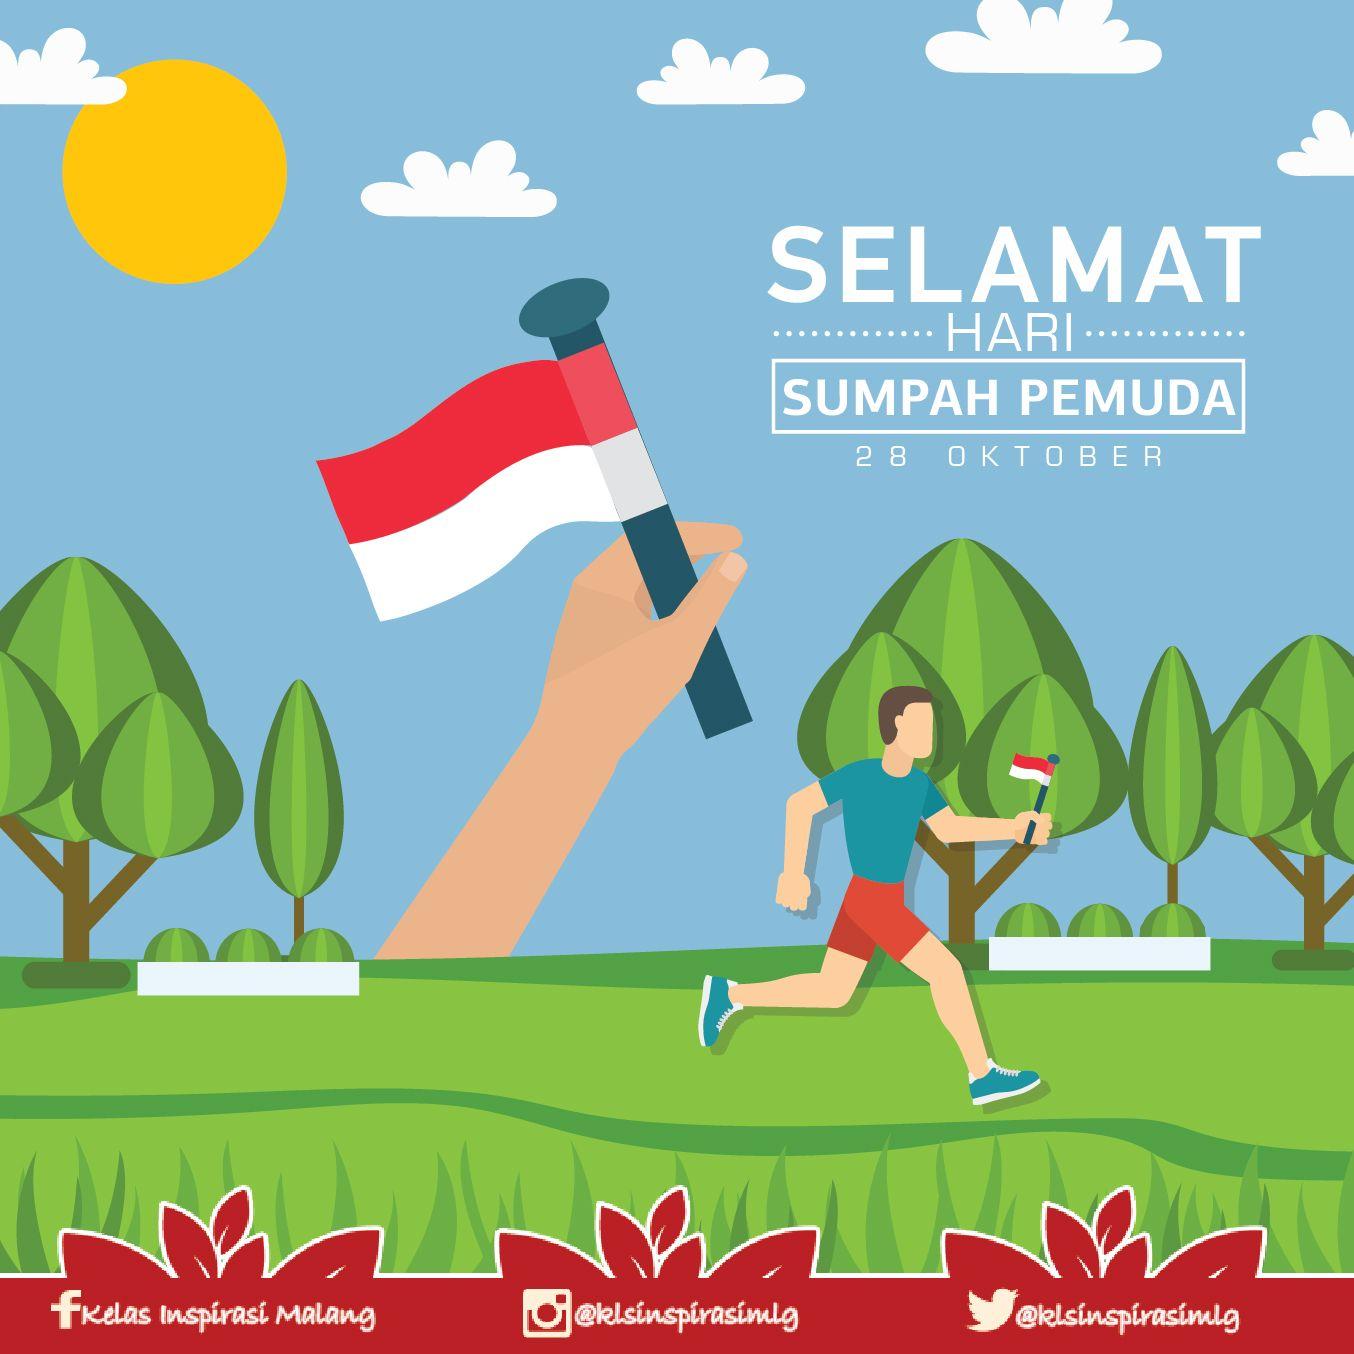 Poster Hari Sumpah Pemuda Kelas Inspirasi Malang 3 Dehafro